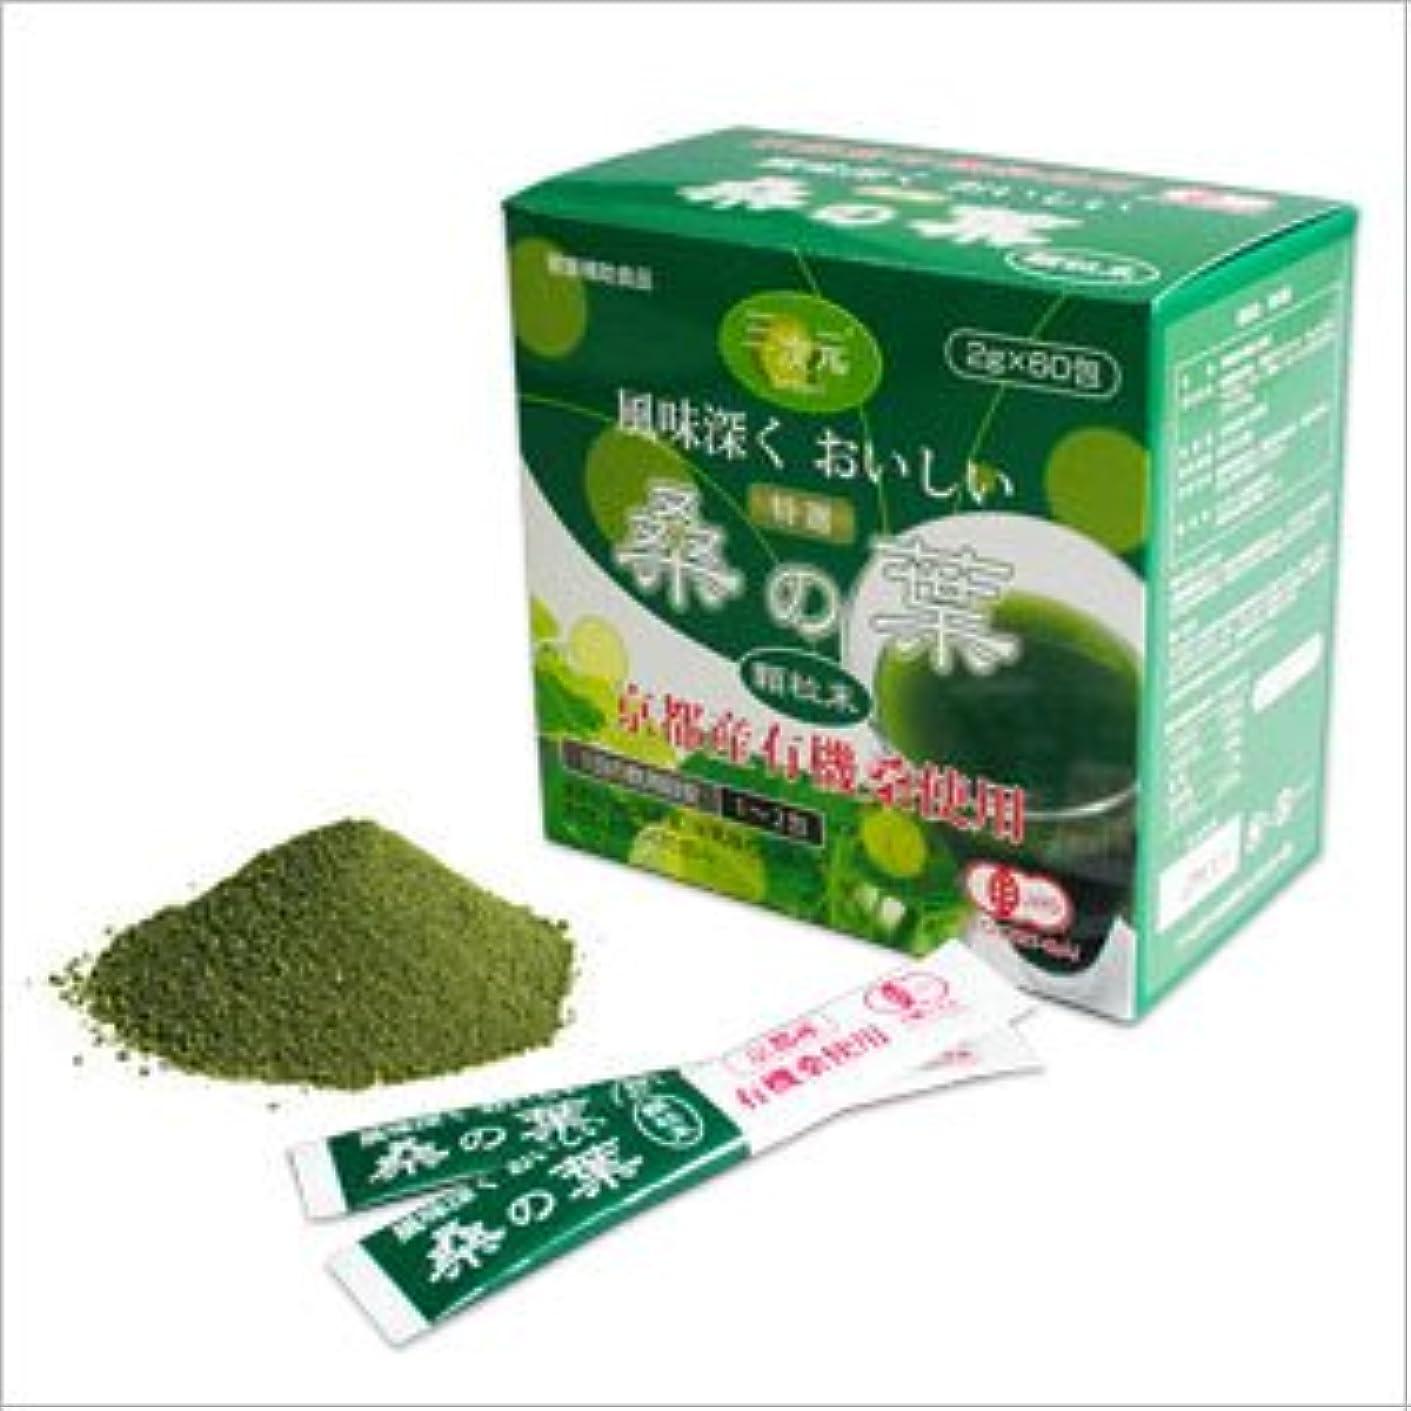 不適封筒許可する桑の葉 2箱セット 健康食品